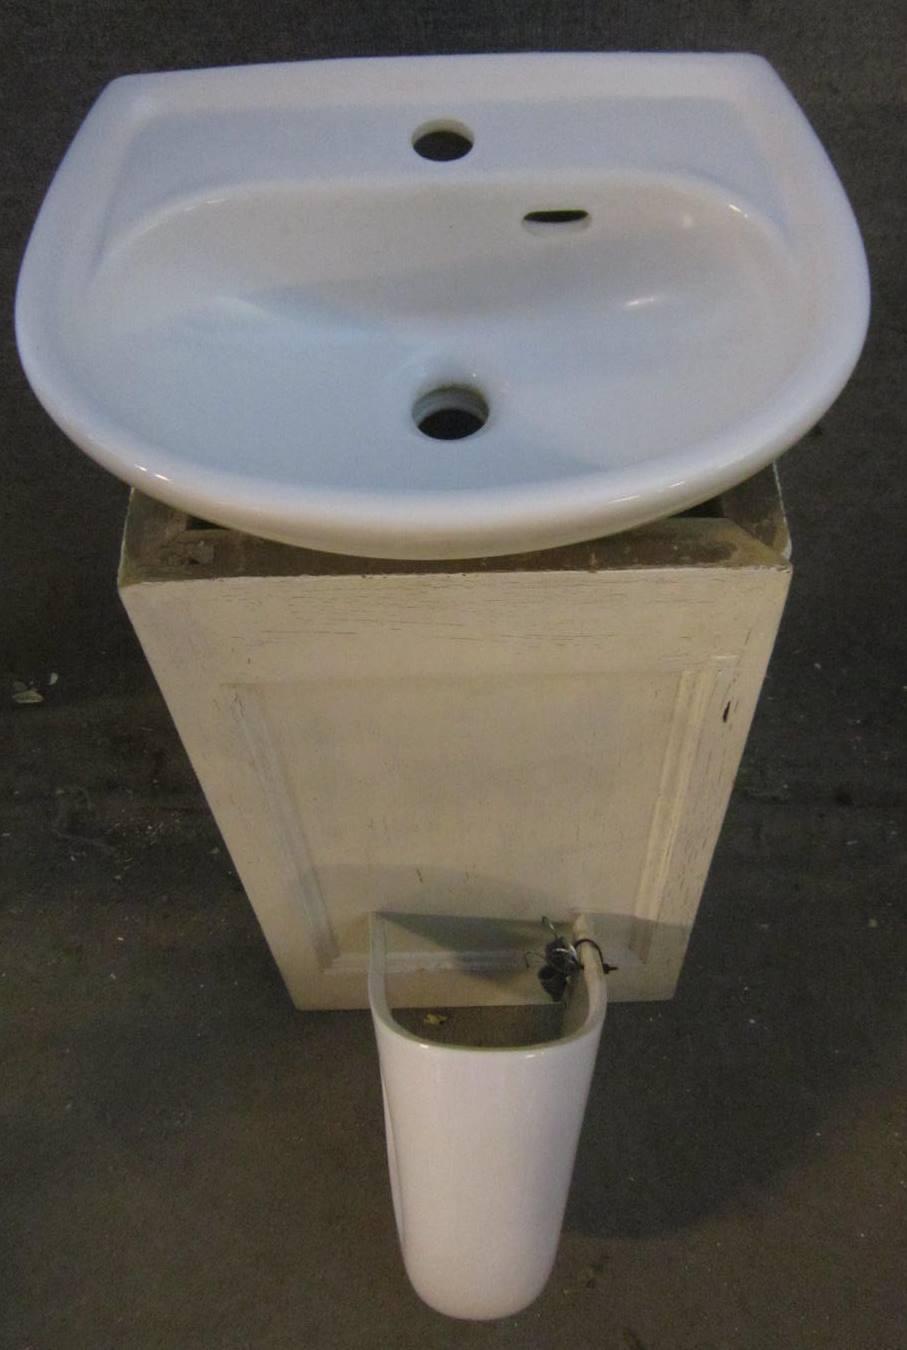 Handwaschbecken mit Abdeckung